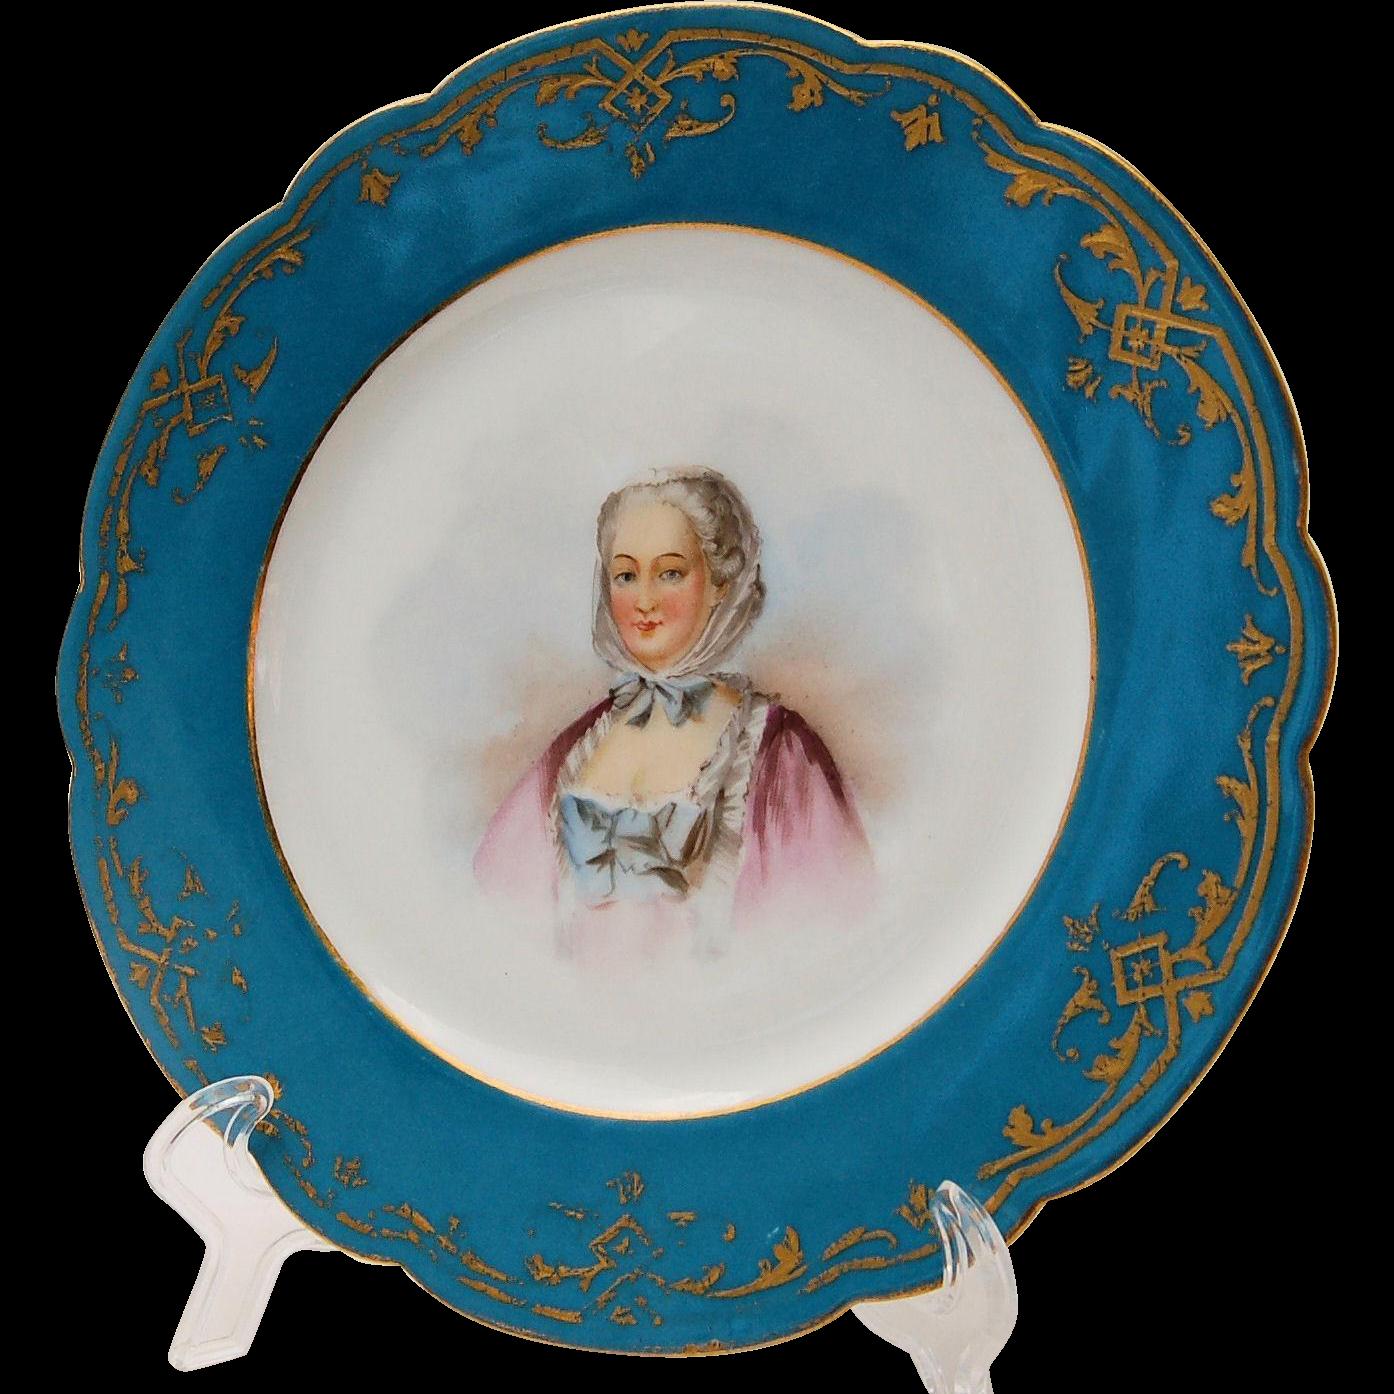 Sevres Chateau des Tuileries Portrait Cabinet Plate of Madame Pompadour Antique circa 1845